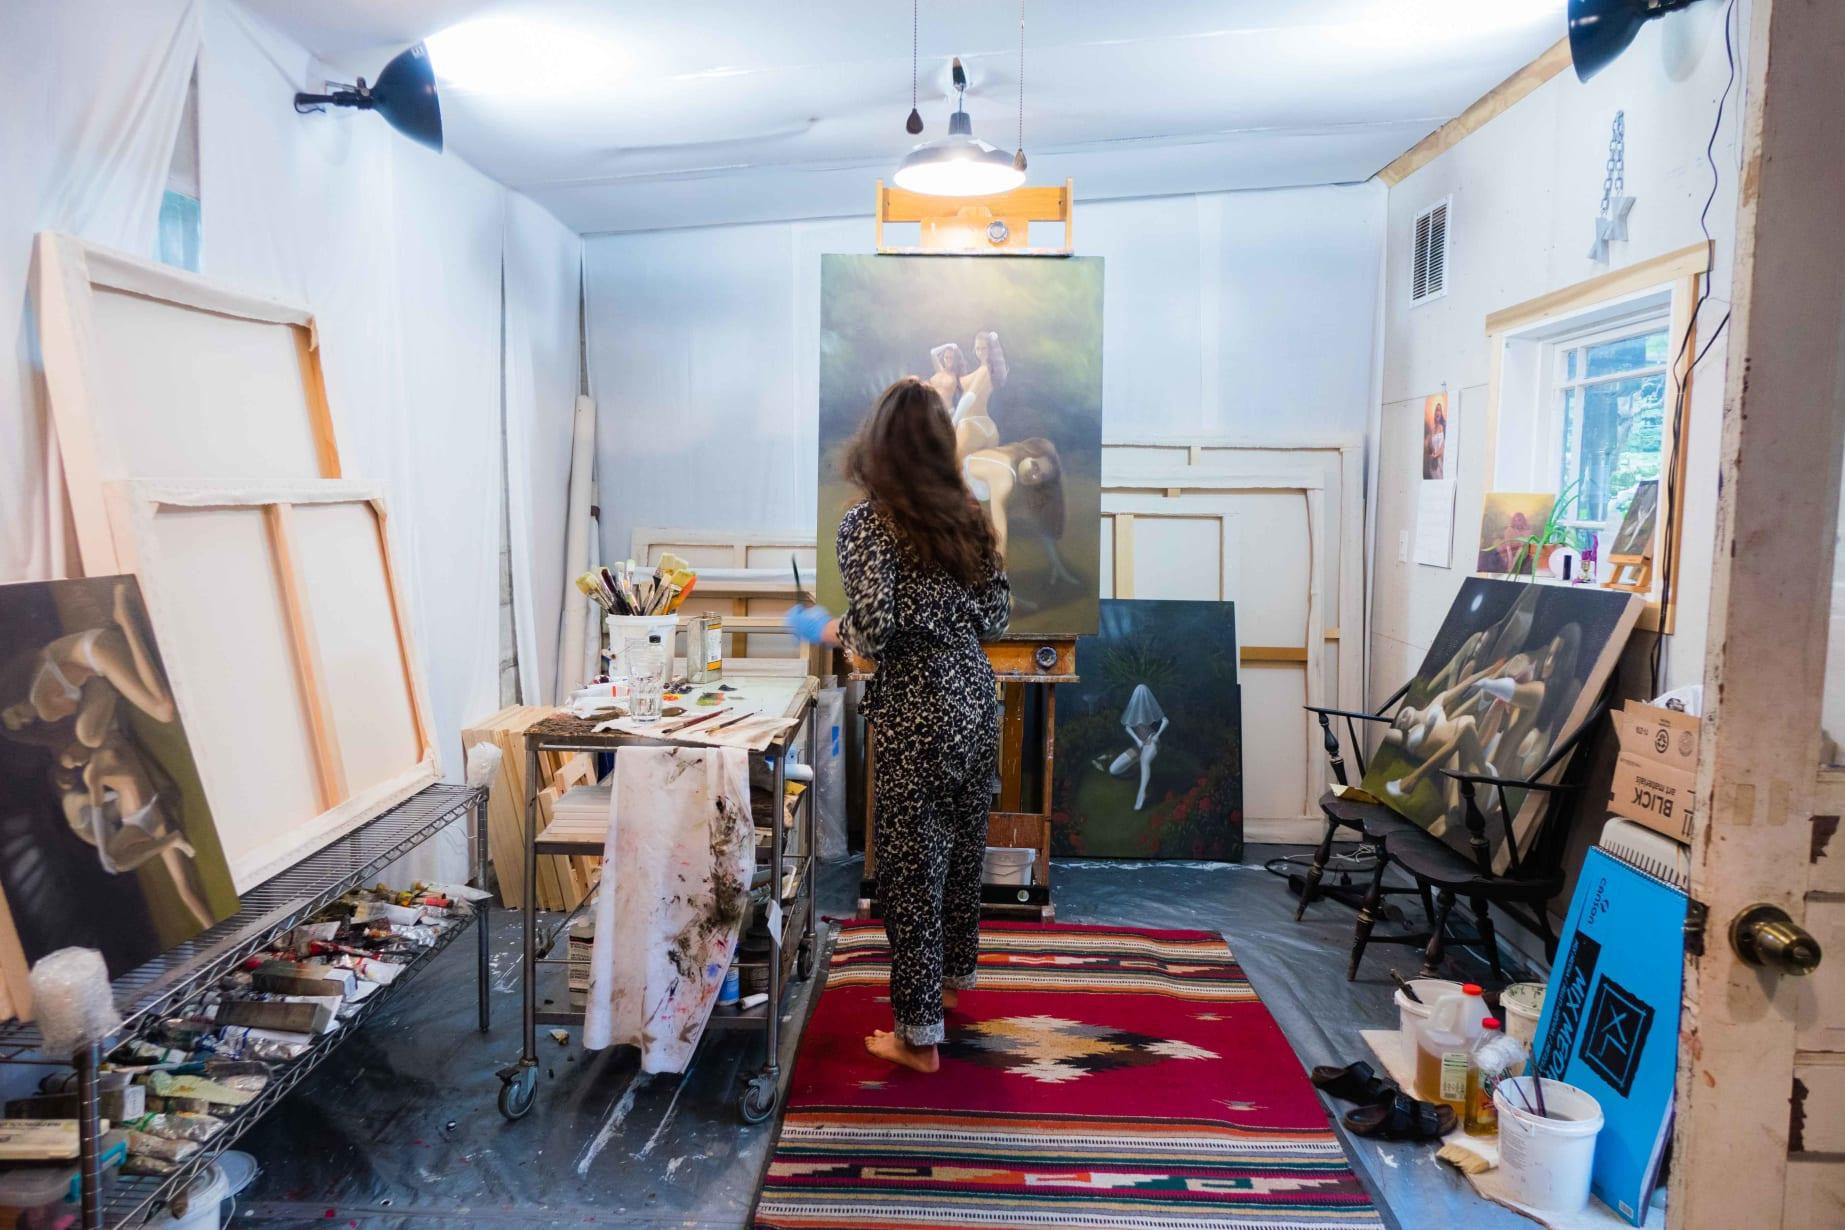 Emilymariemiller Studio Photoby Peterkoloff